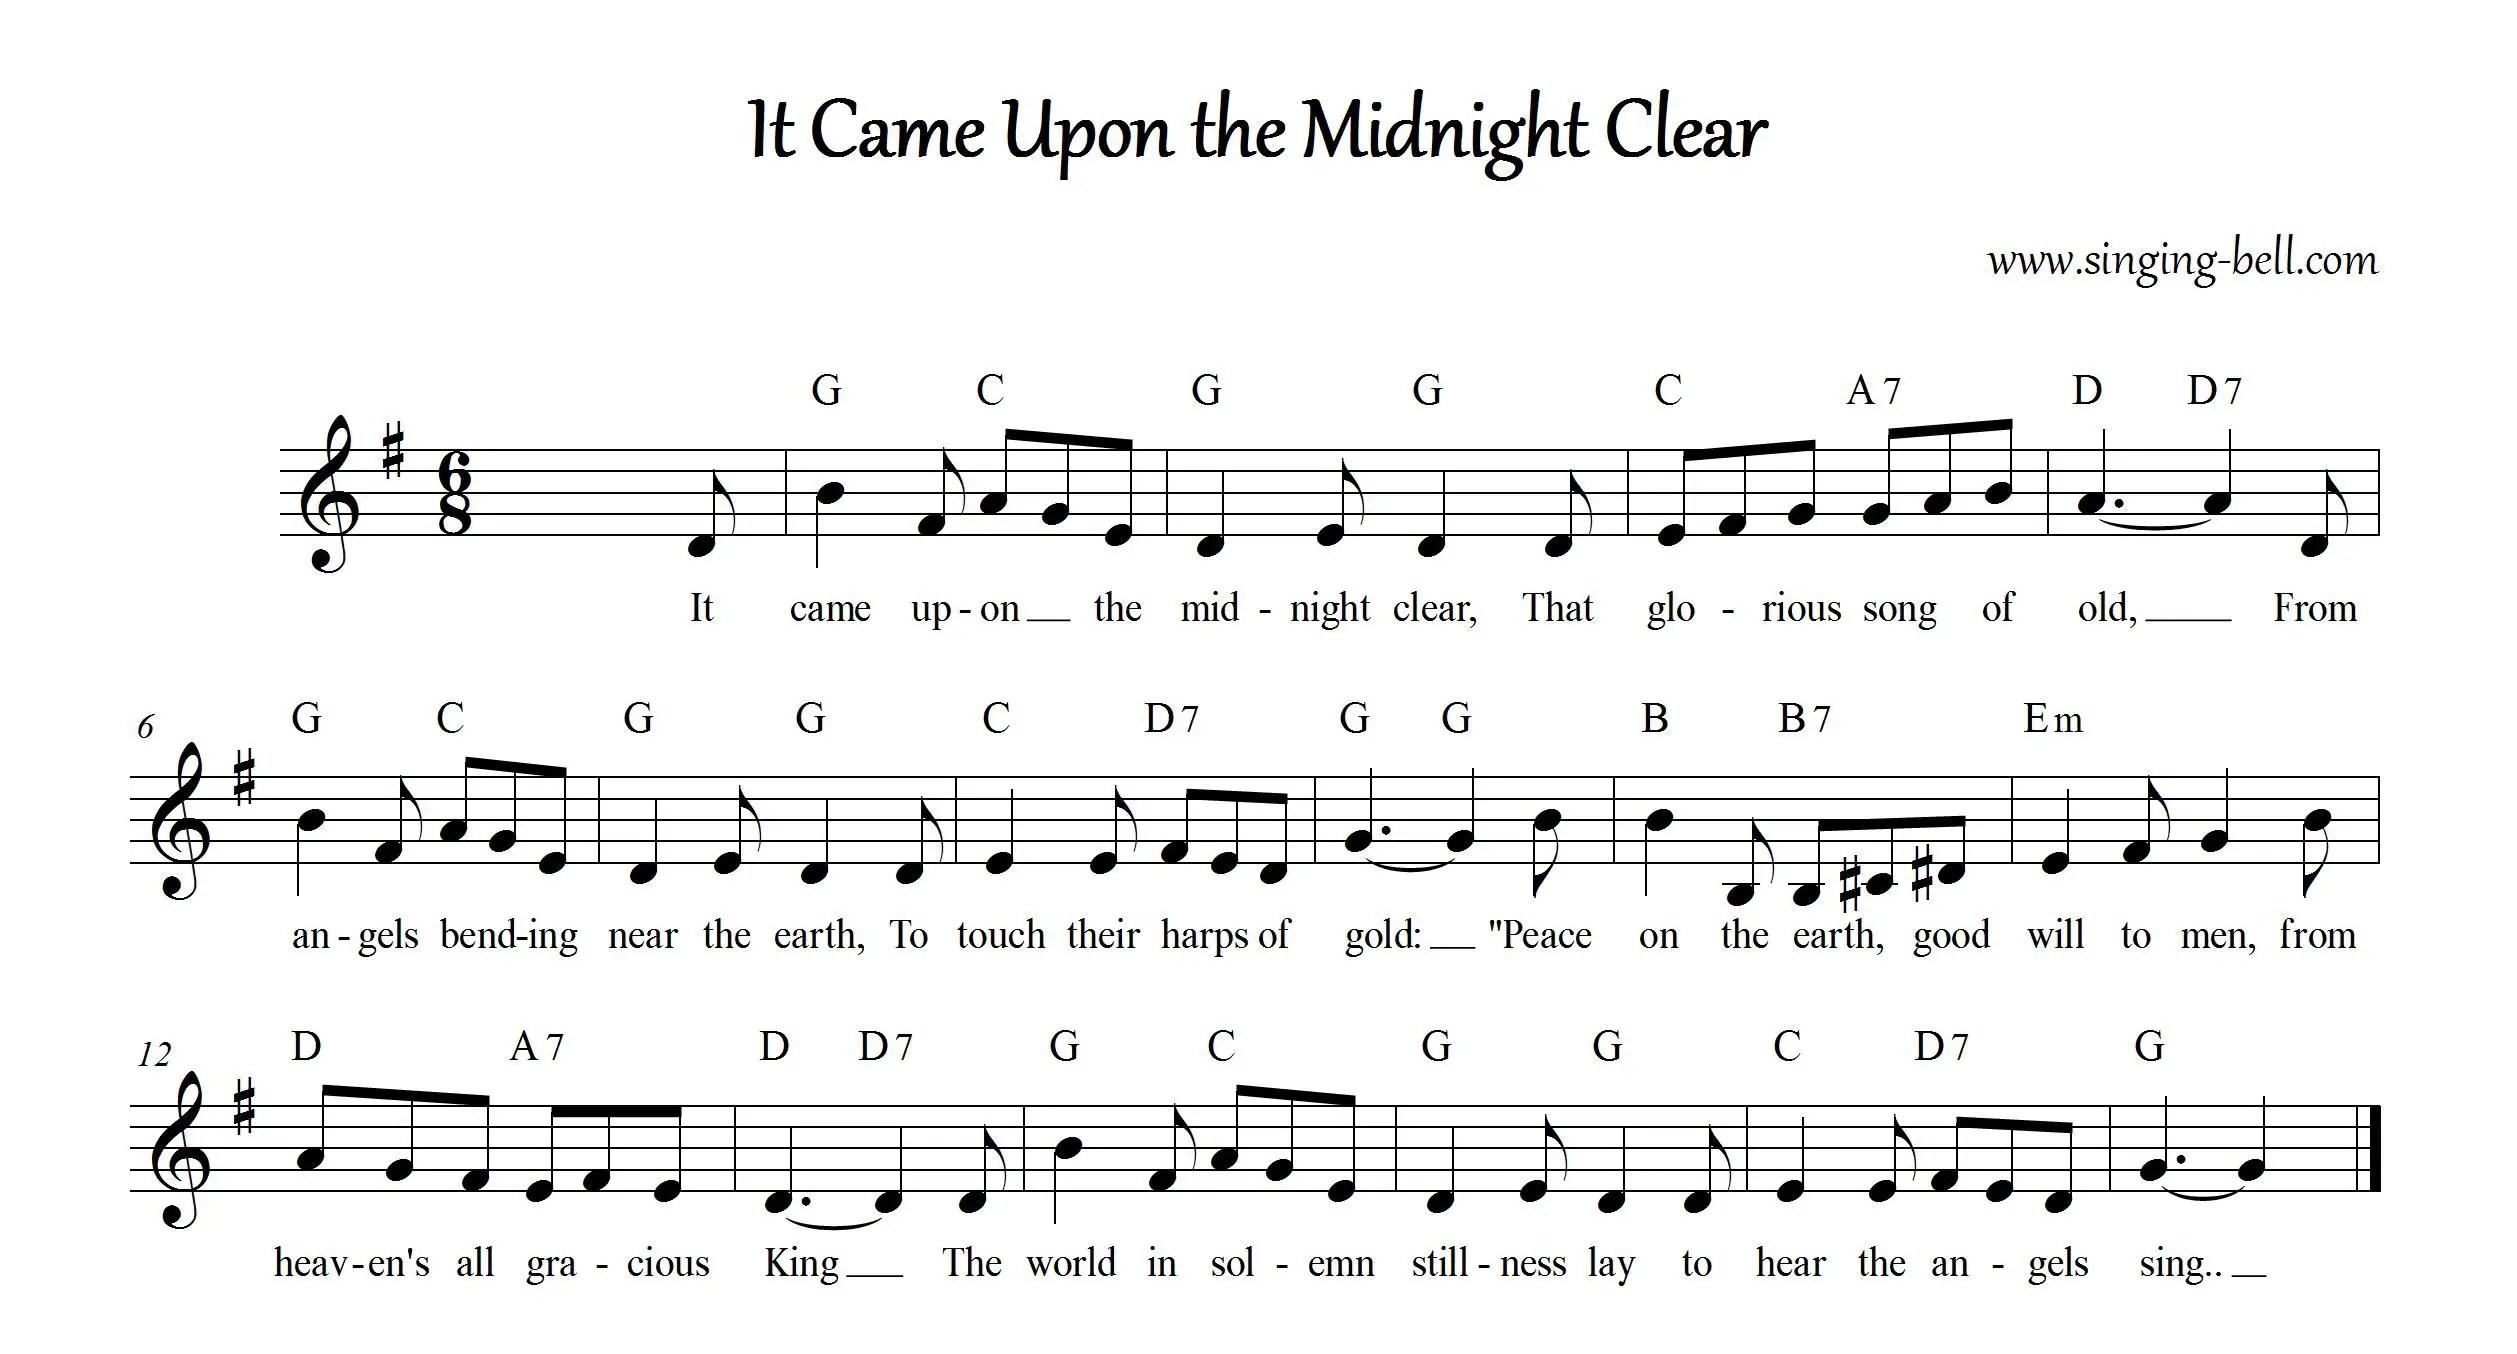 printable 12 days of christmas song lyrics - 12 Days Of Christmas Song Lyrics